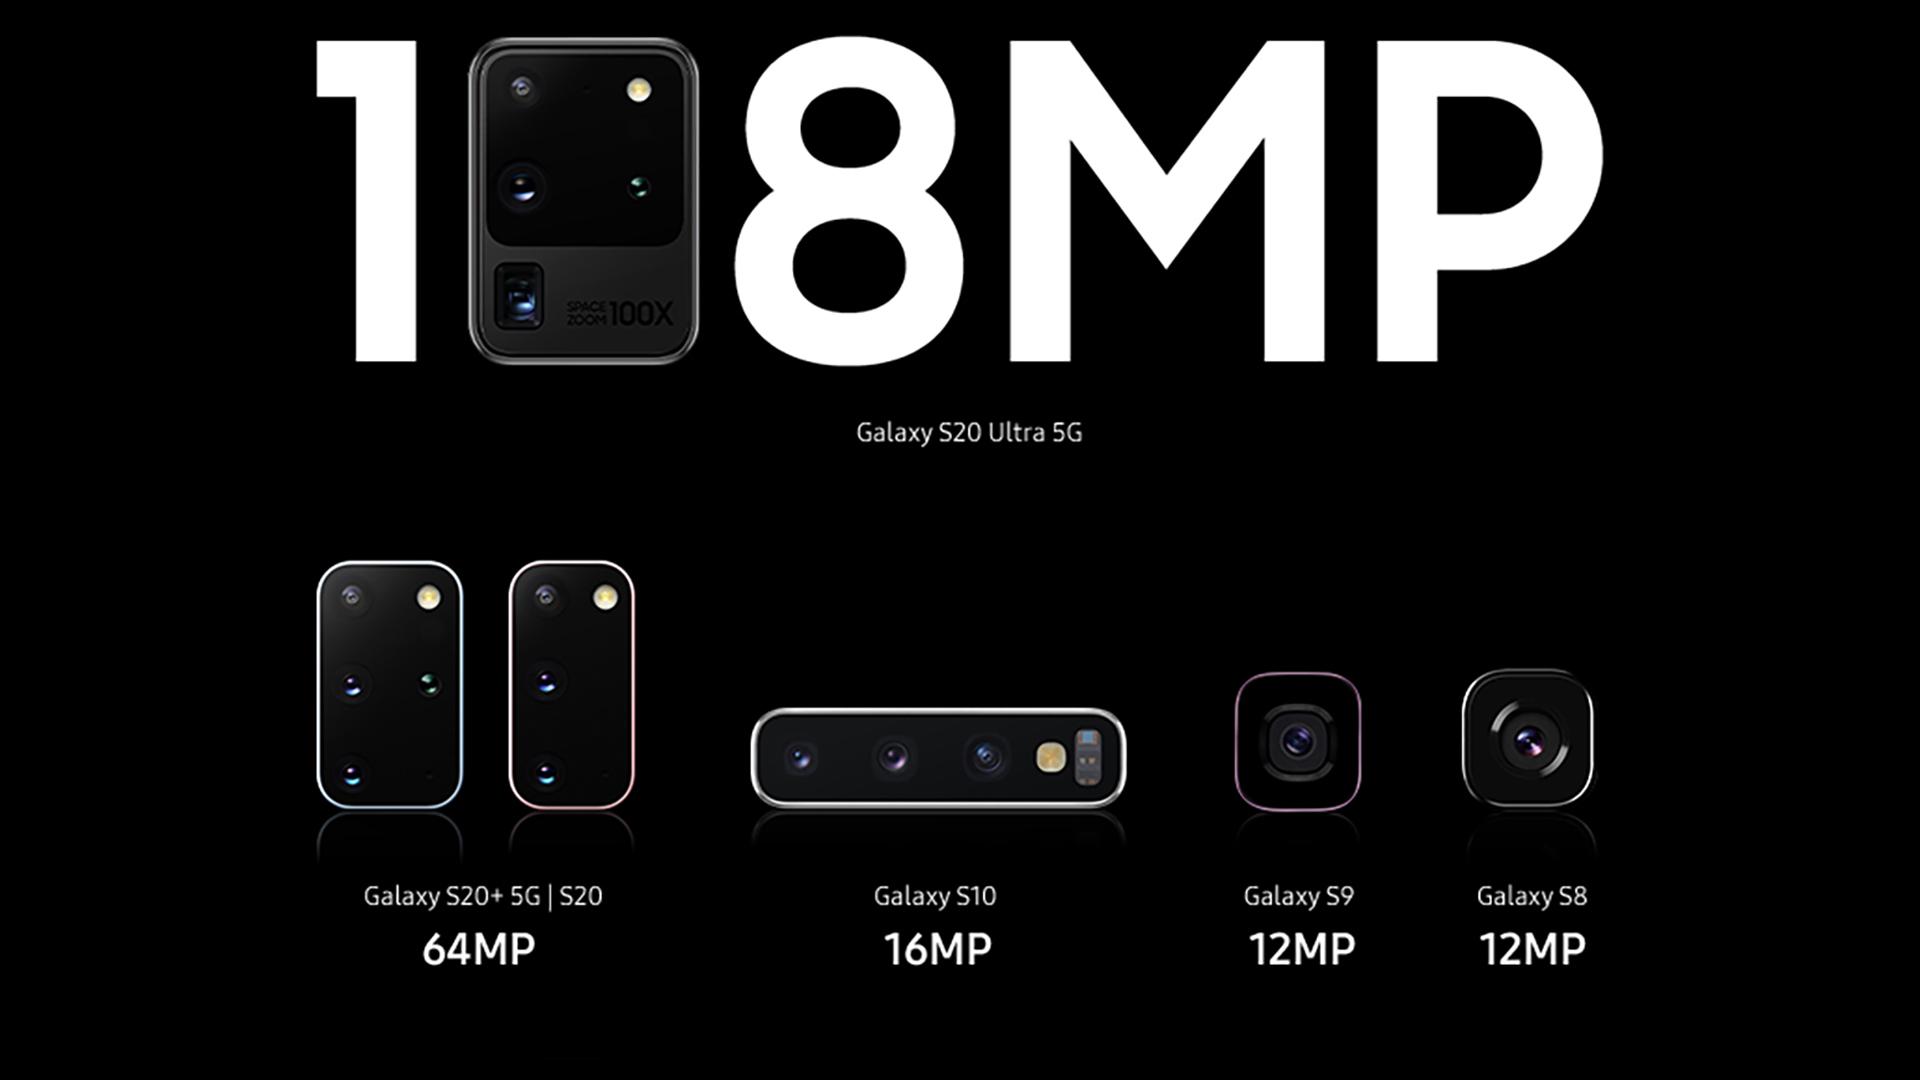 Samsung Galaxy S20 Series Cameras